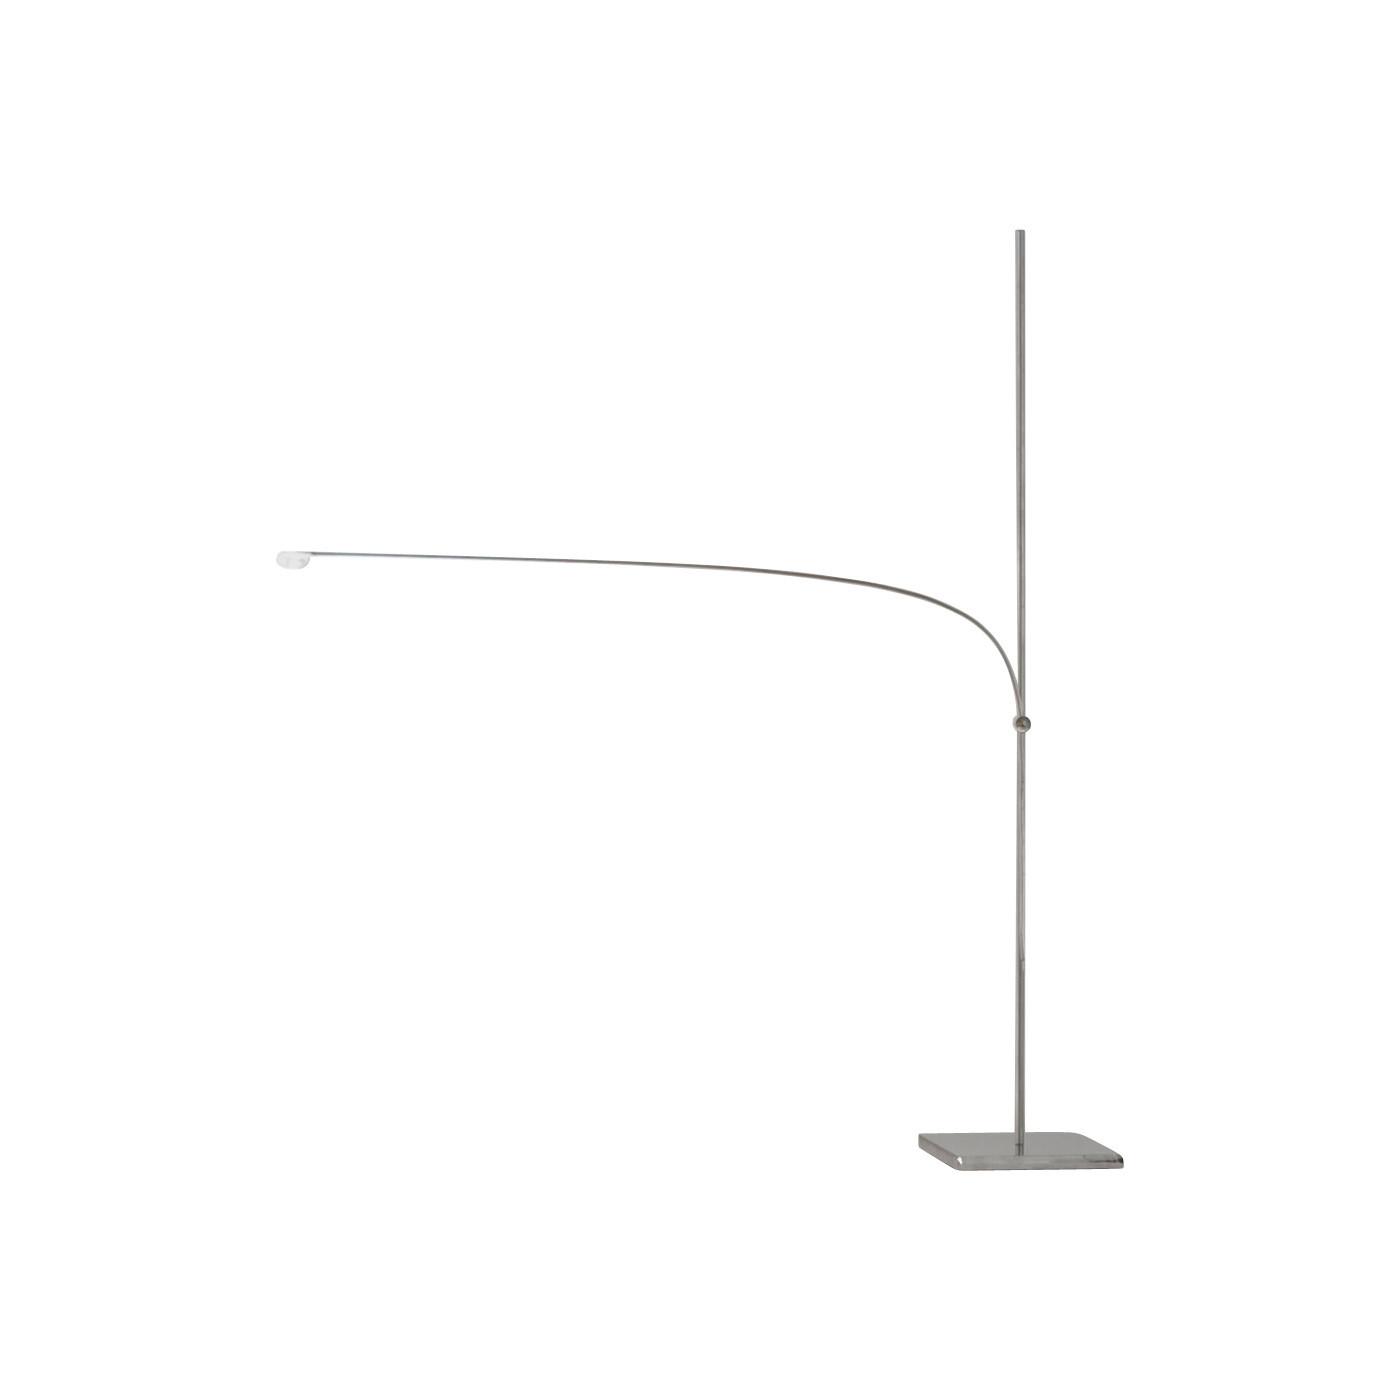 Catellani & Smith UAU Table Lamp